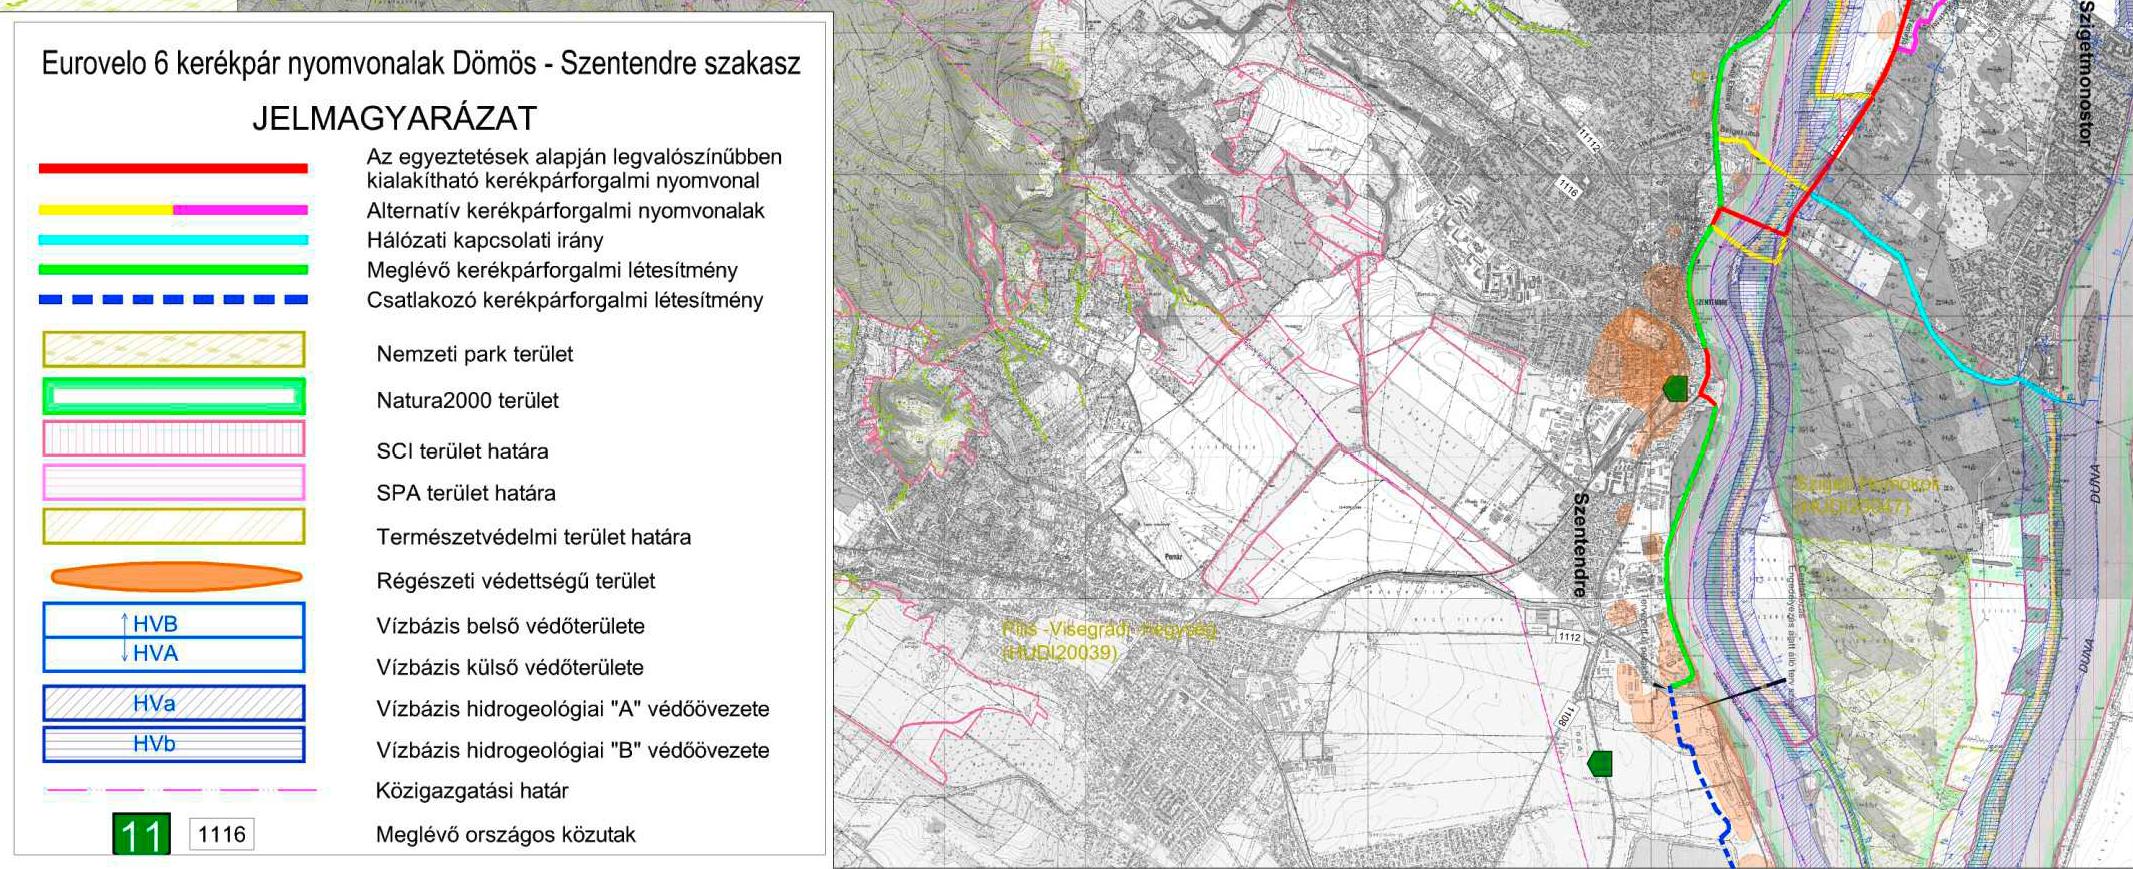 szigetmonostor térkép EUROVELO 6 nyomvonala: Dömös, Visegrád, Dunabogdány, Kisoroszi  szigetmonostor térkép